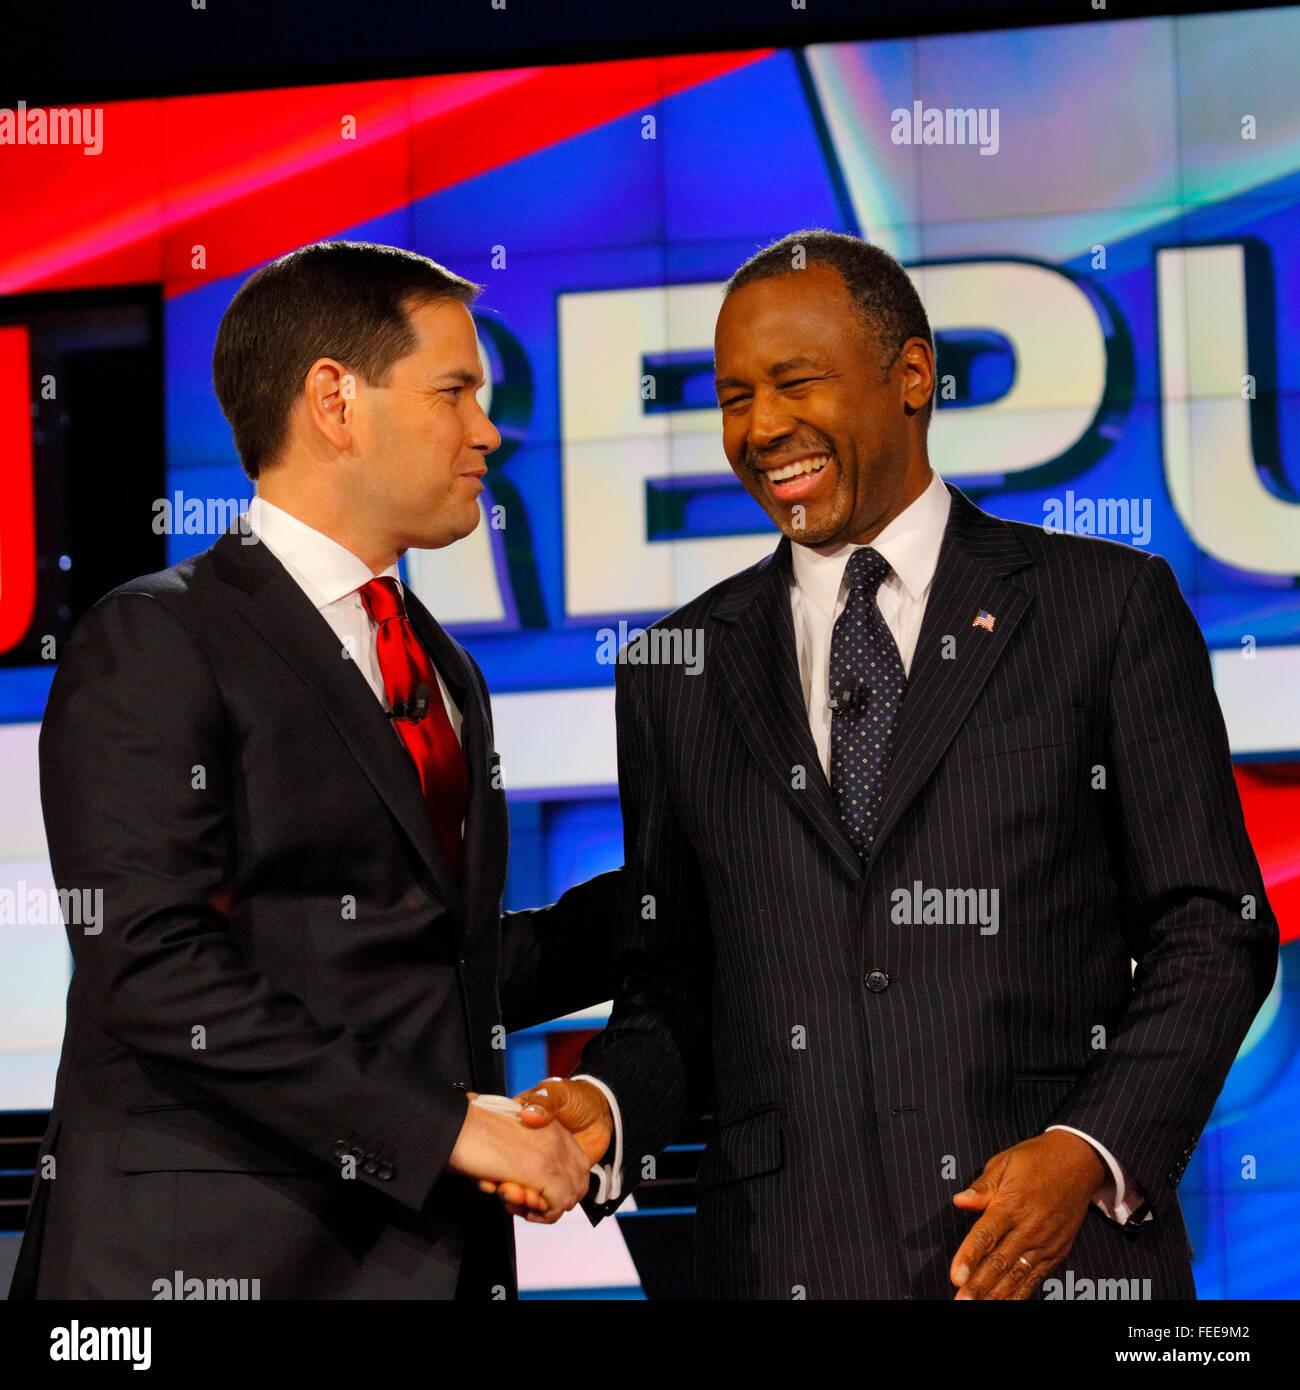 LAS VEGAS - 15 de diciembre: el candidato presidencial republicano, ex Dr. Ben Carson se da la mano con el Senador Marco Rubio en CNN debate presidencial republicano en el Venetian, 15 de diciembre de 2015, Las Vegas, Nevada. Foto de stock